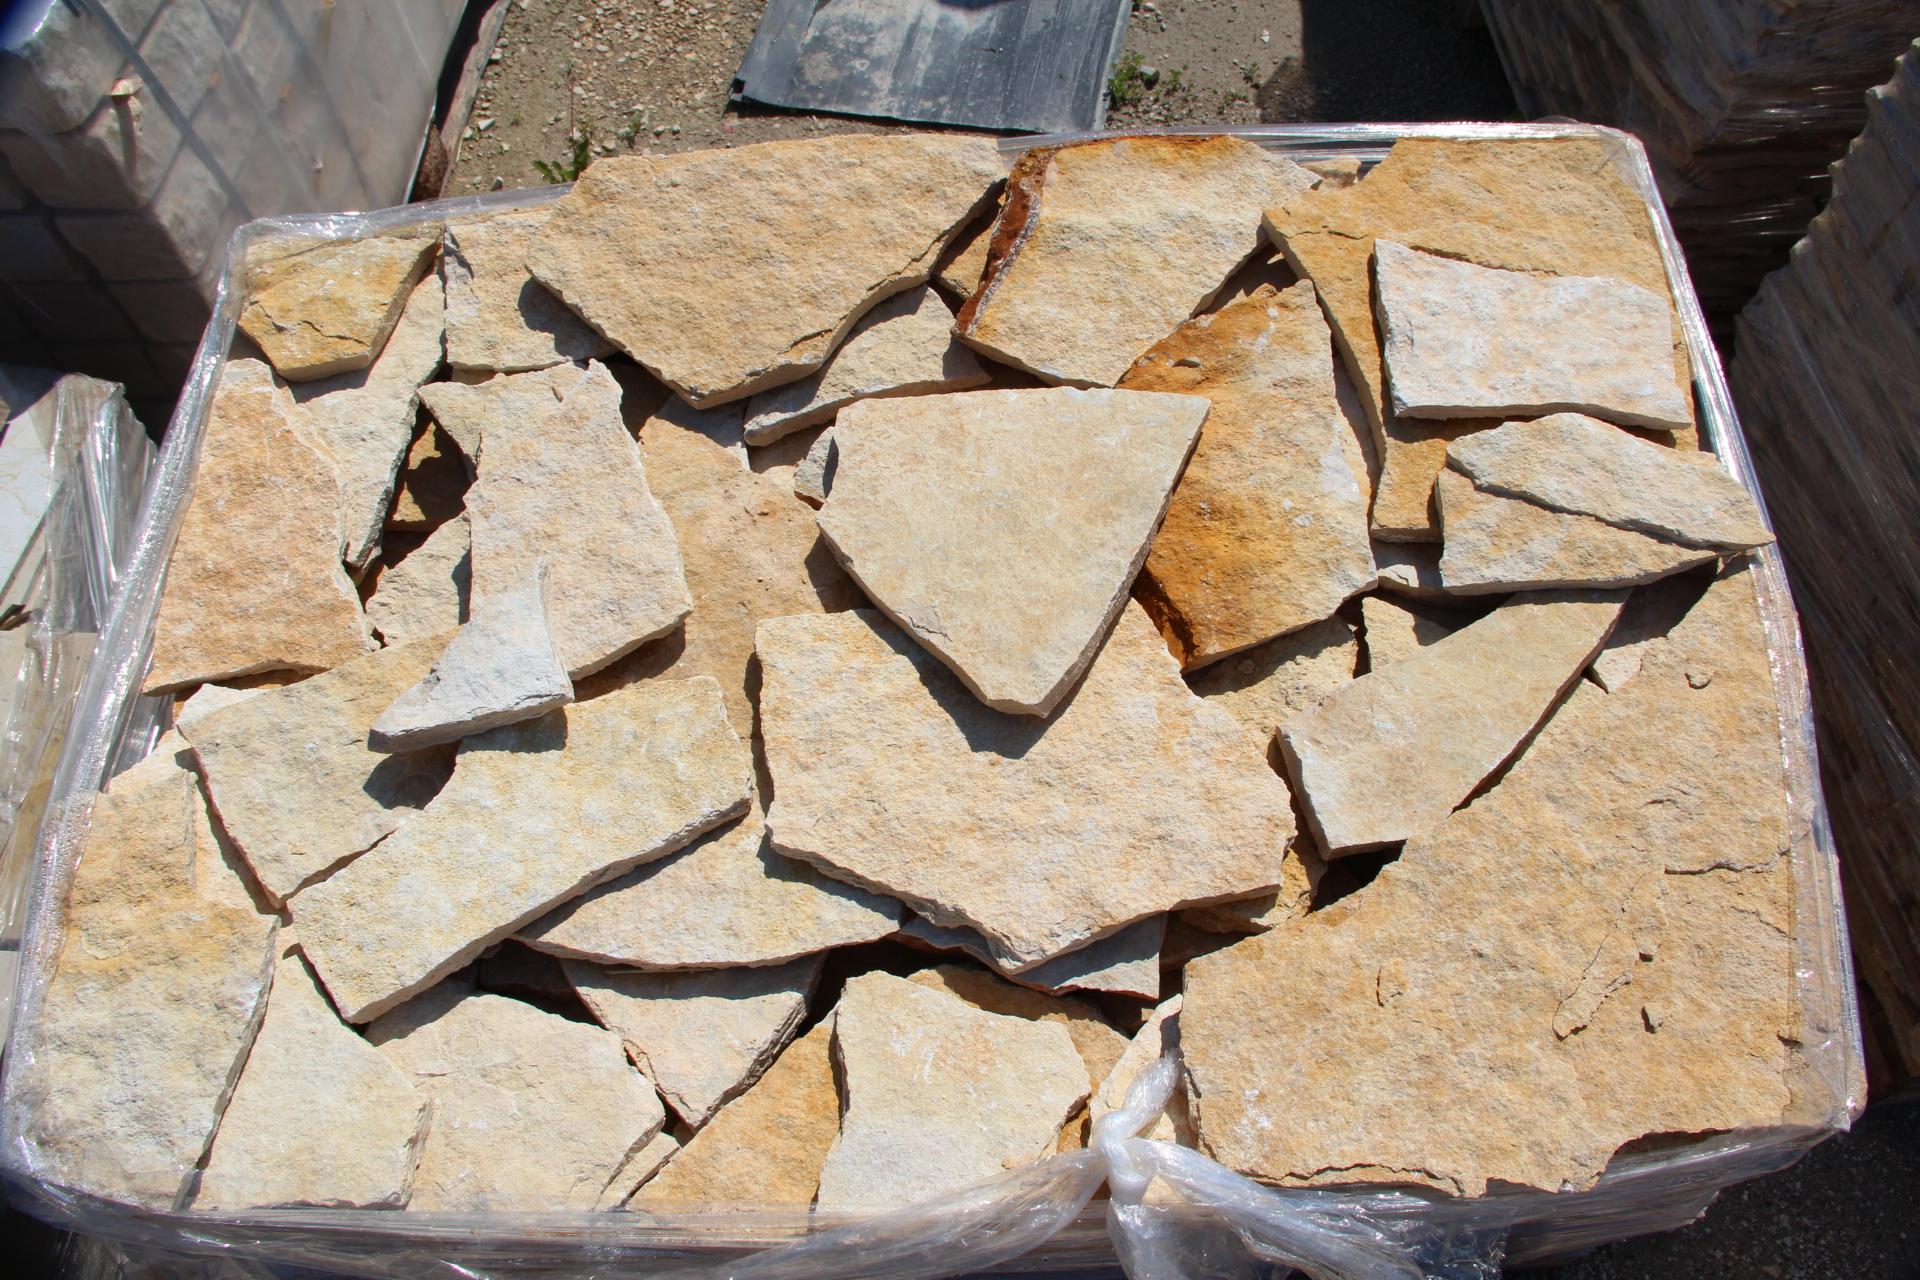 Zem enrico marmi prezzi sassi rivestimento muri super convenienti prezzo pietre da esterno - Pietre da esterno per rivestimento ...